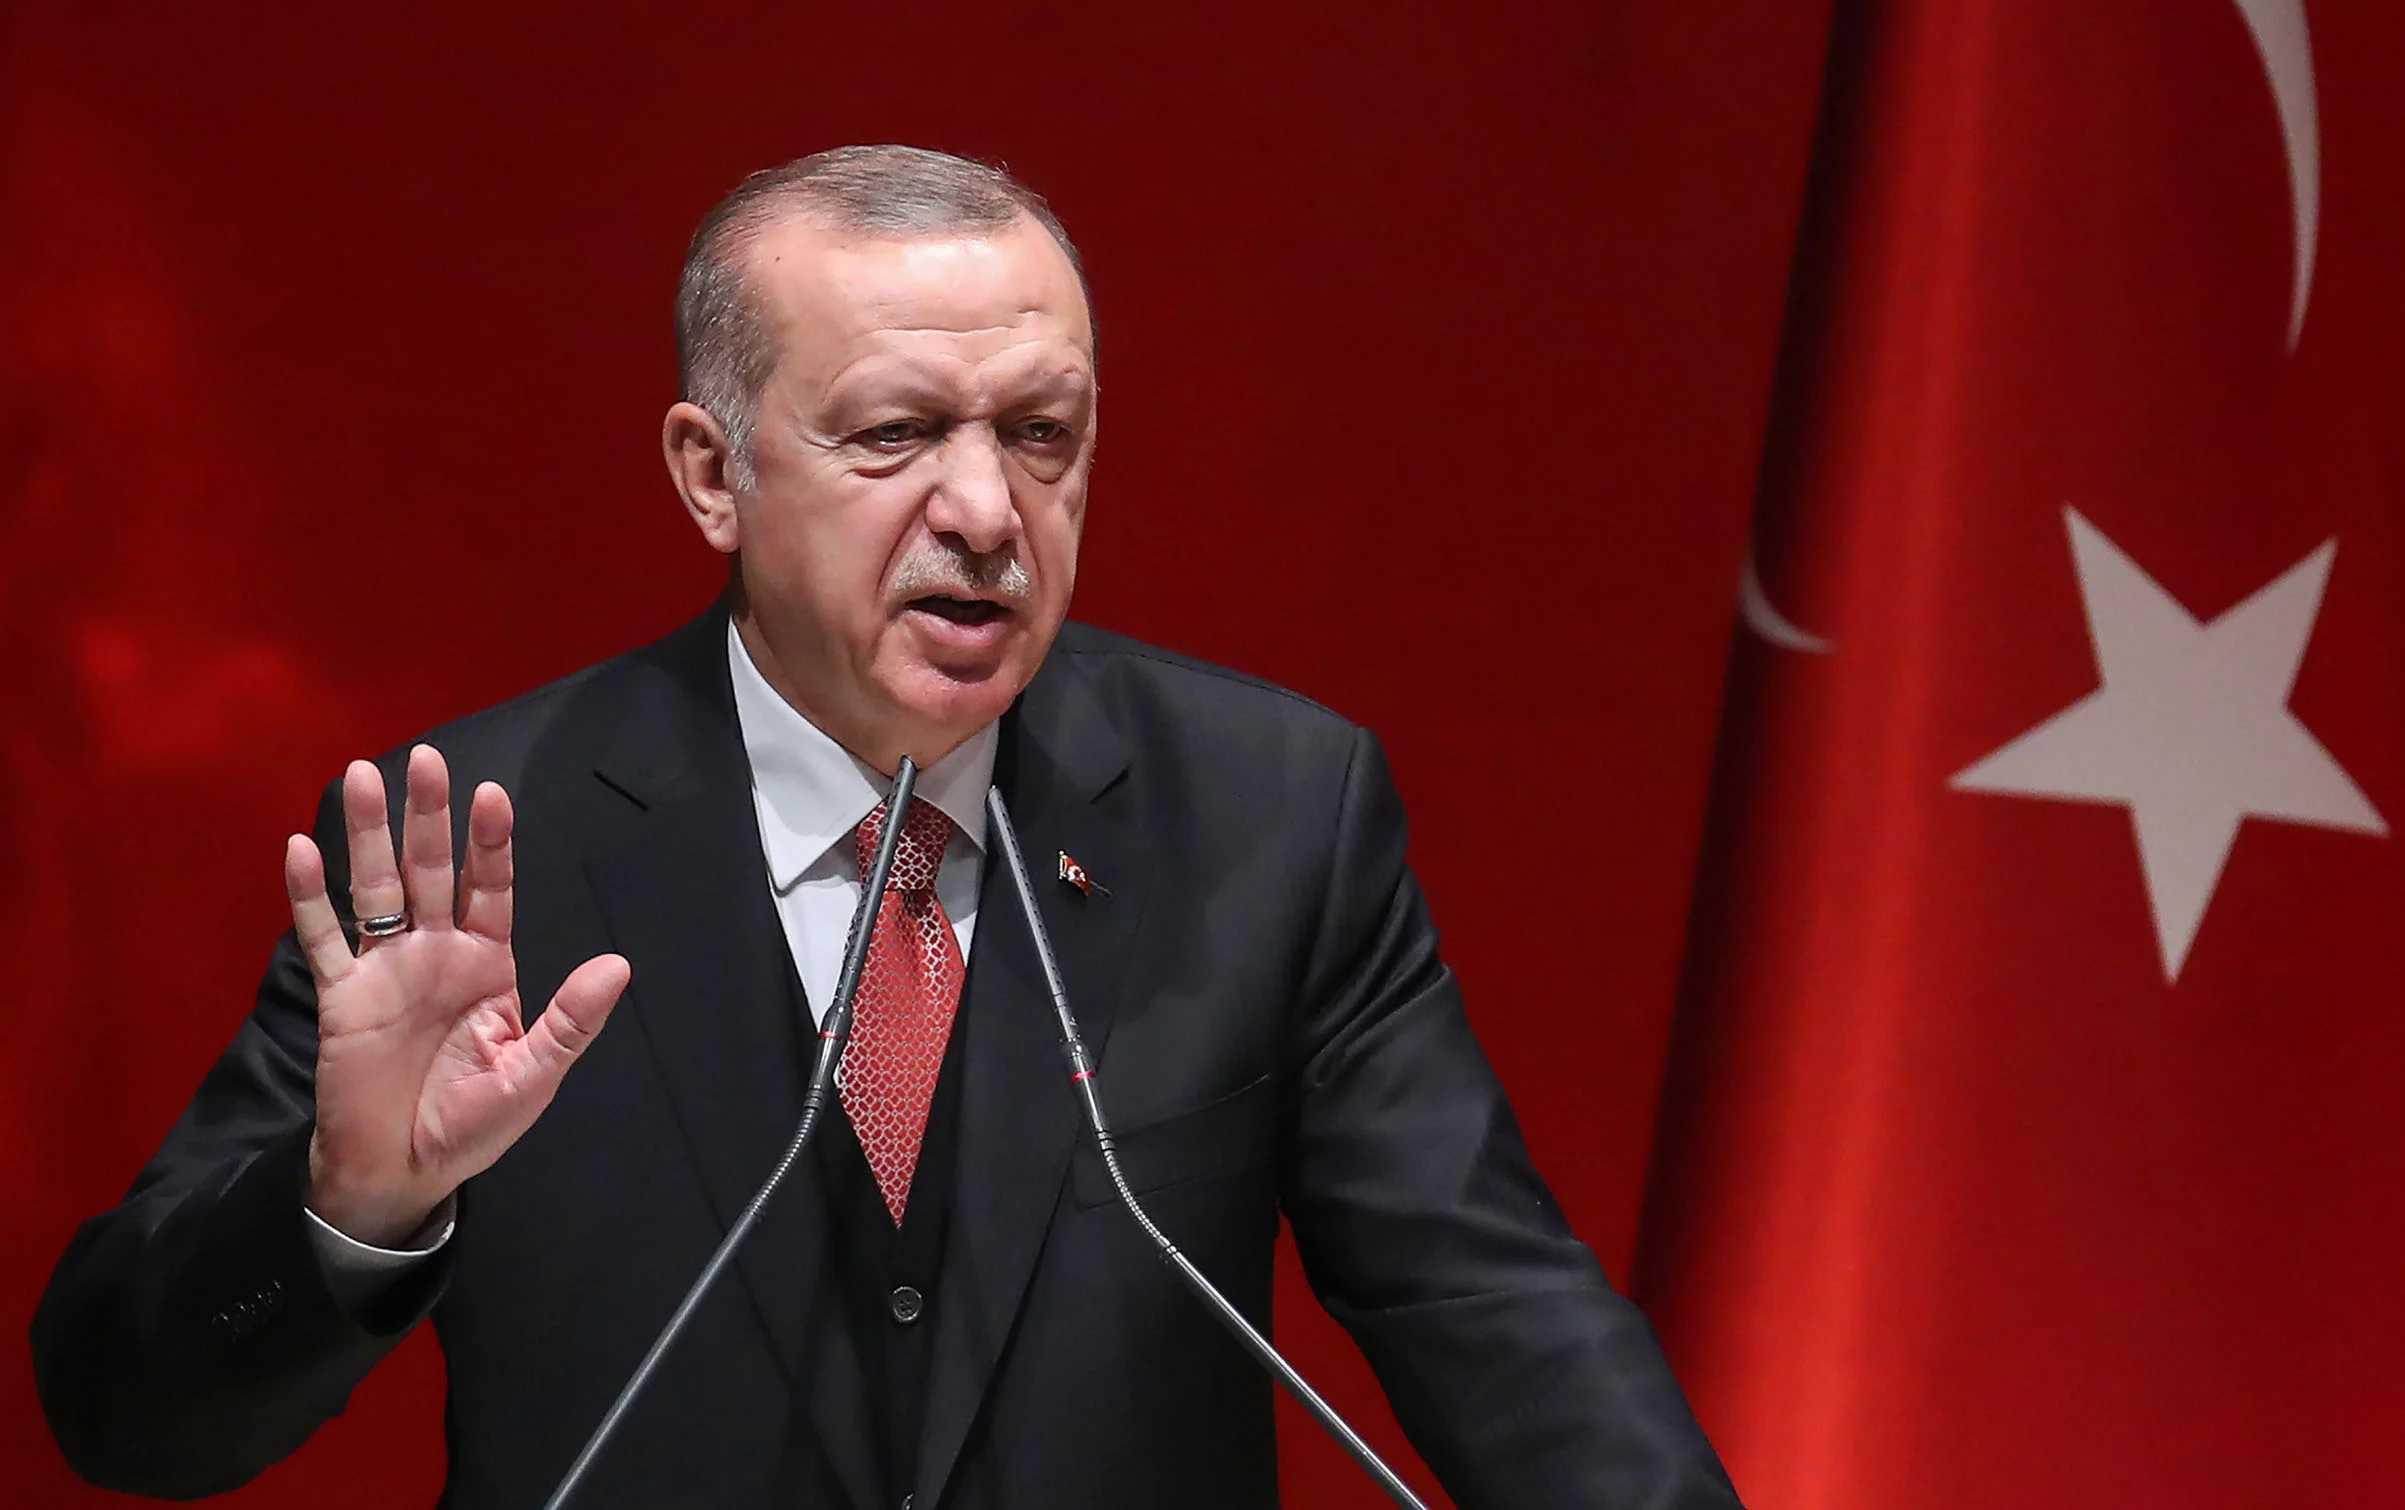 Προκλητικός ο Ερντογάν: Κάποτε θέλησαν να μας αιχμαλωτίσουν στην Ανατολία – Απογοητεύτηκαν στον κόλπο της Σμύρνης